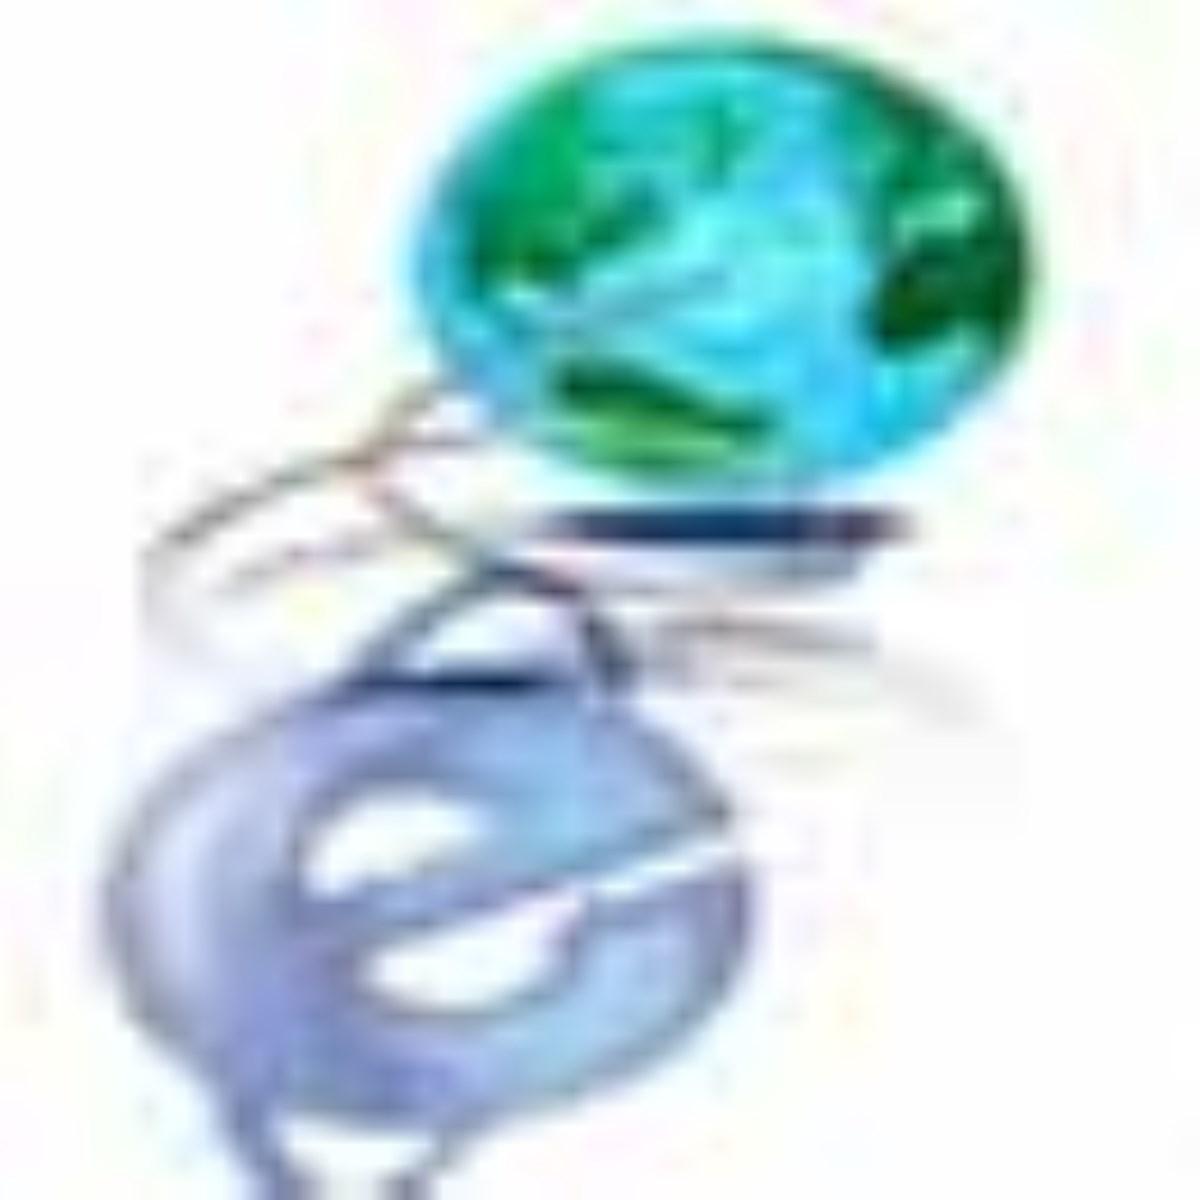 غولهای اينترنتی جهان معرفی شدند